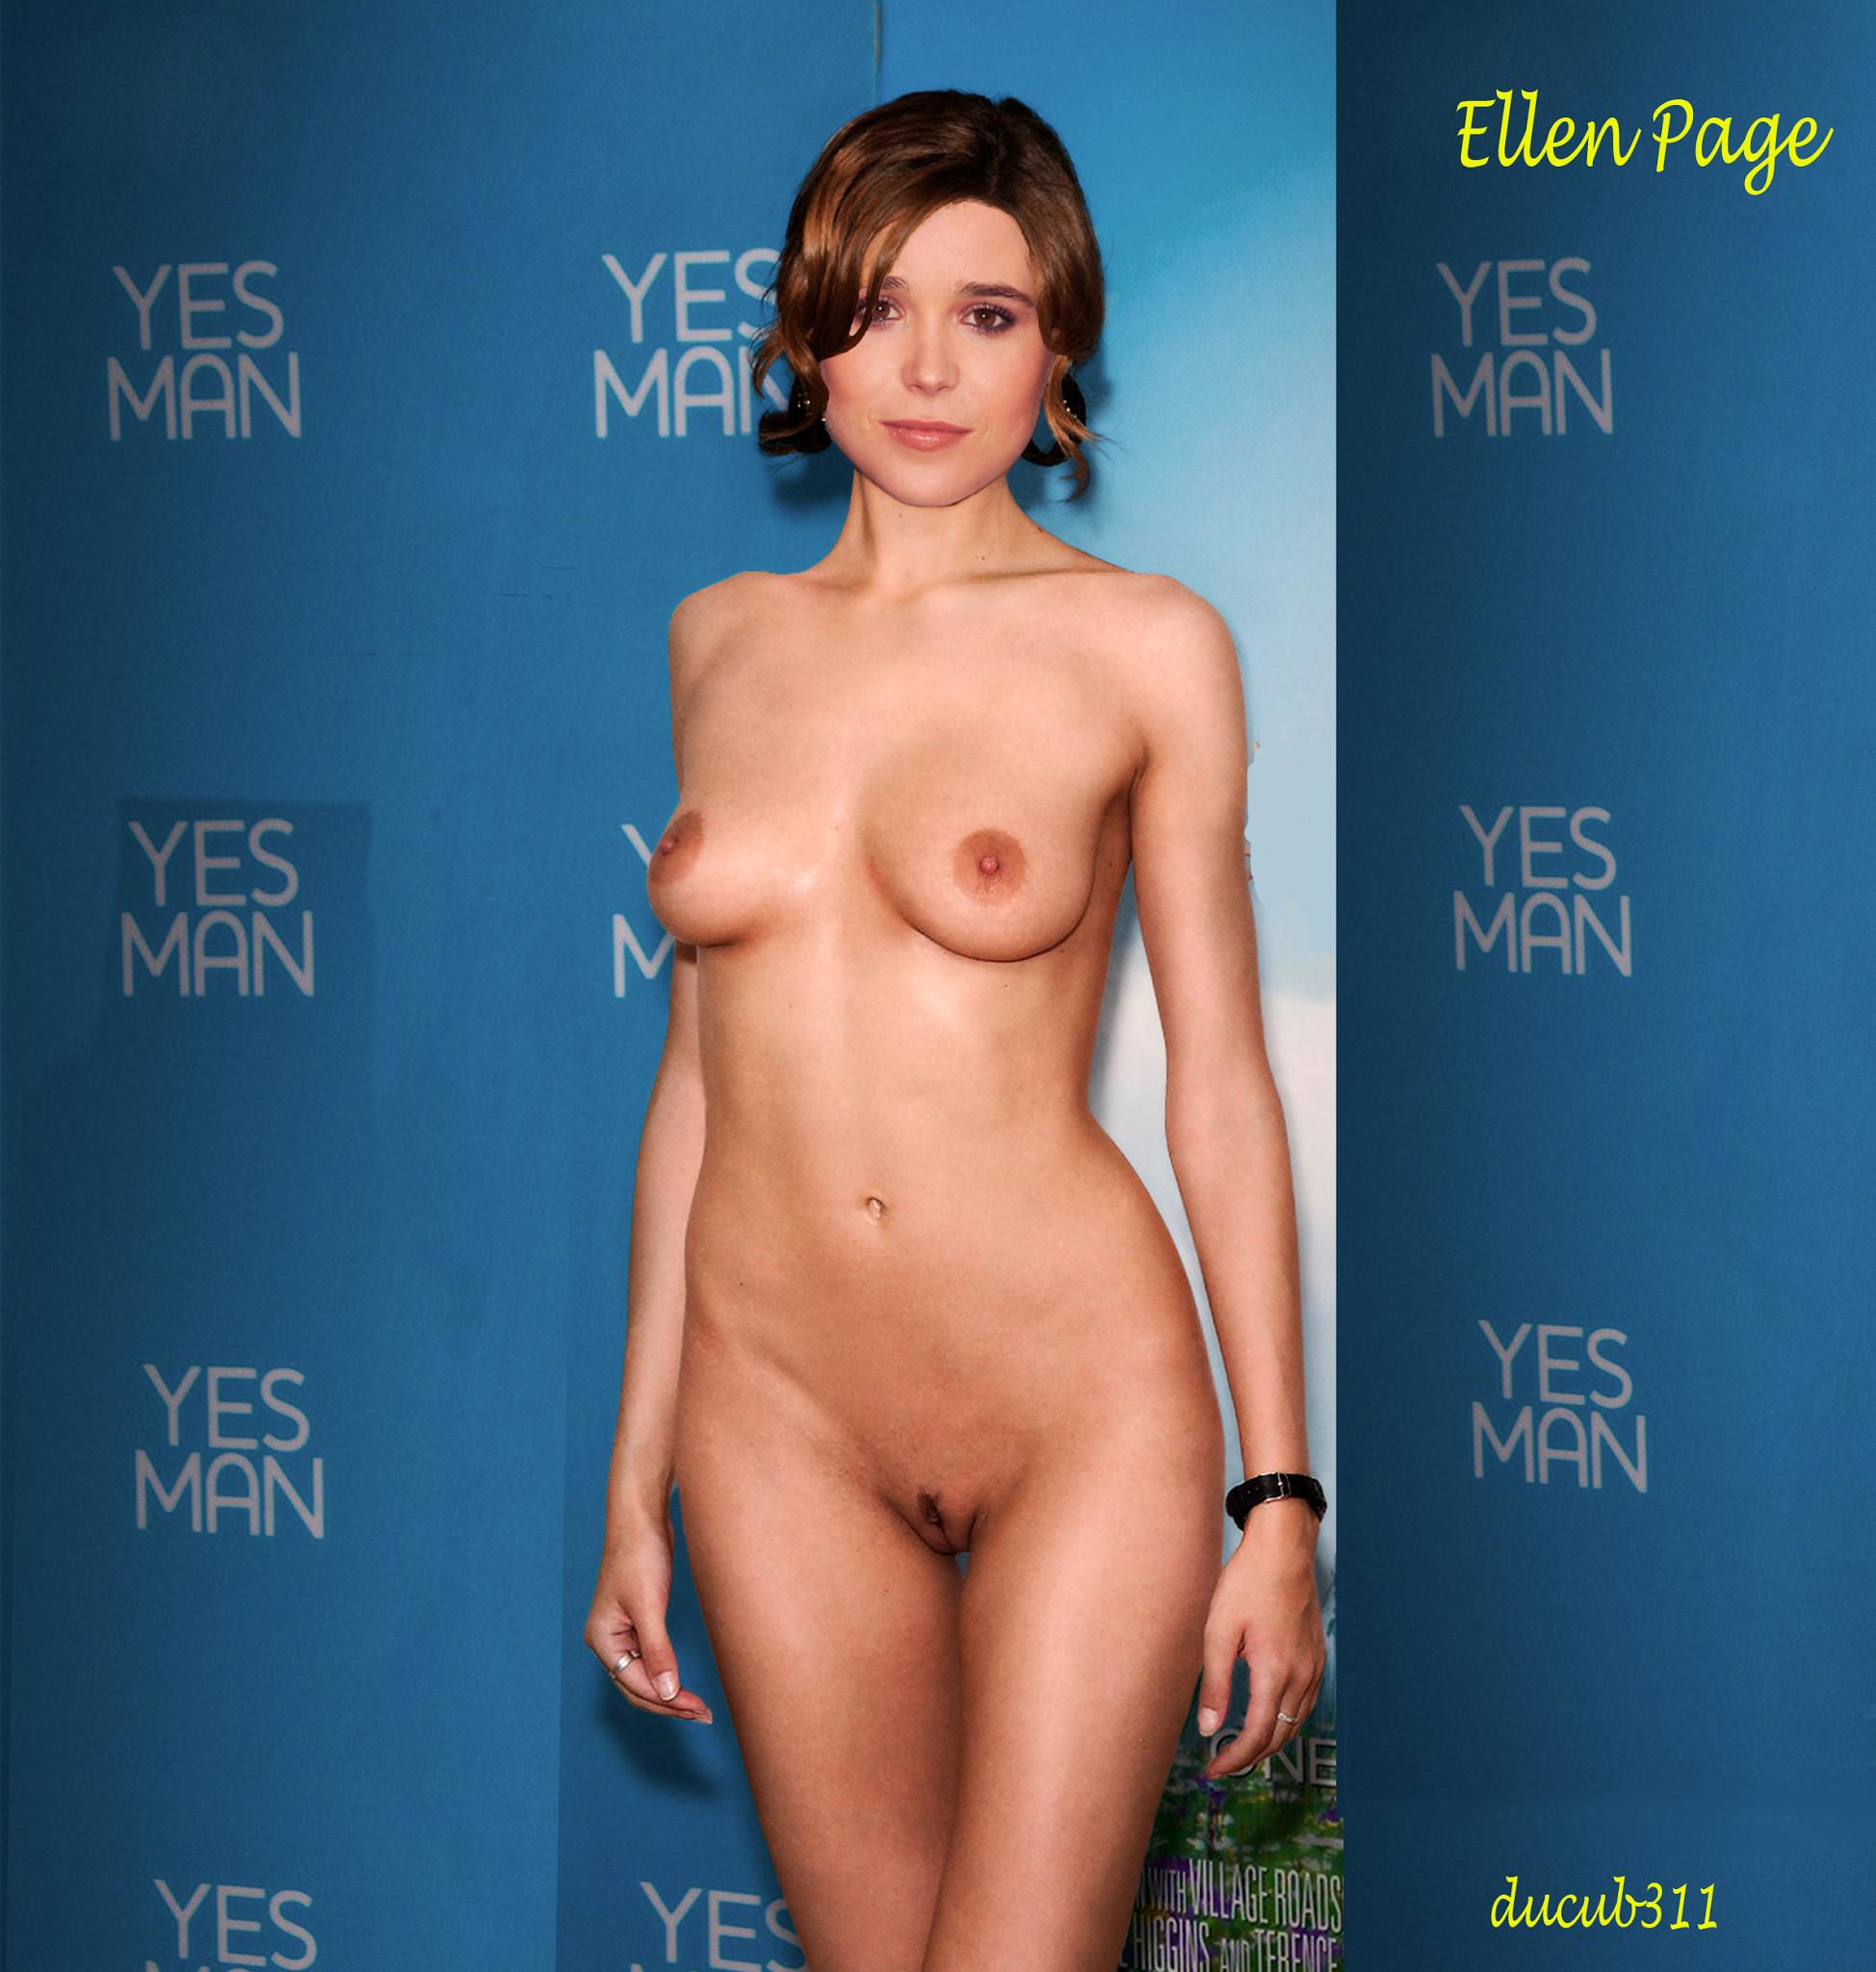 Ellen Page Nude